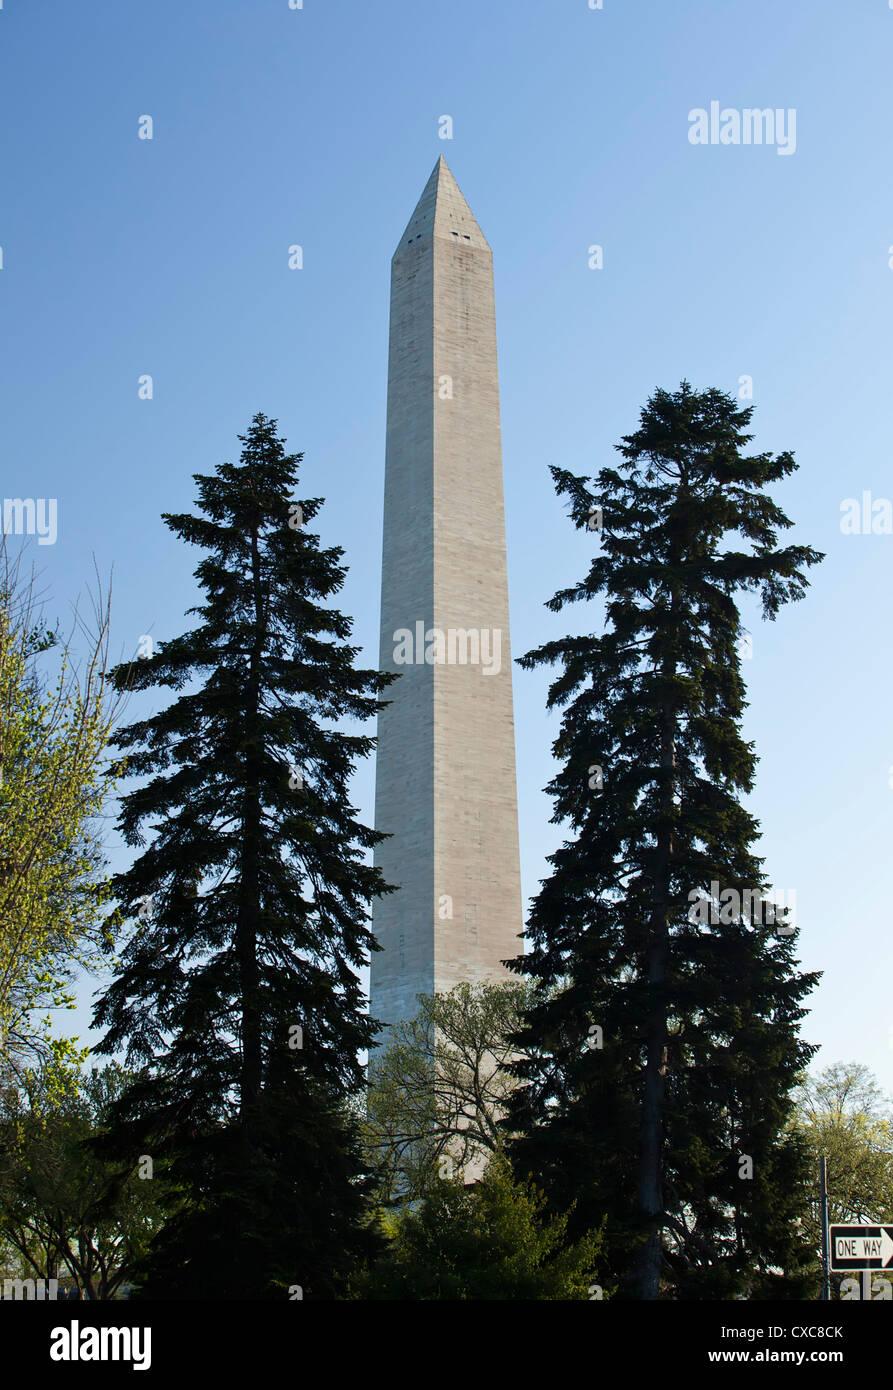 Le Washington Monument, Washington D.C., Etats-Unis d'Amérique, Amérique du Nord Banque D'Images